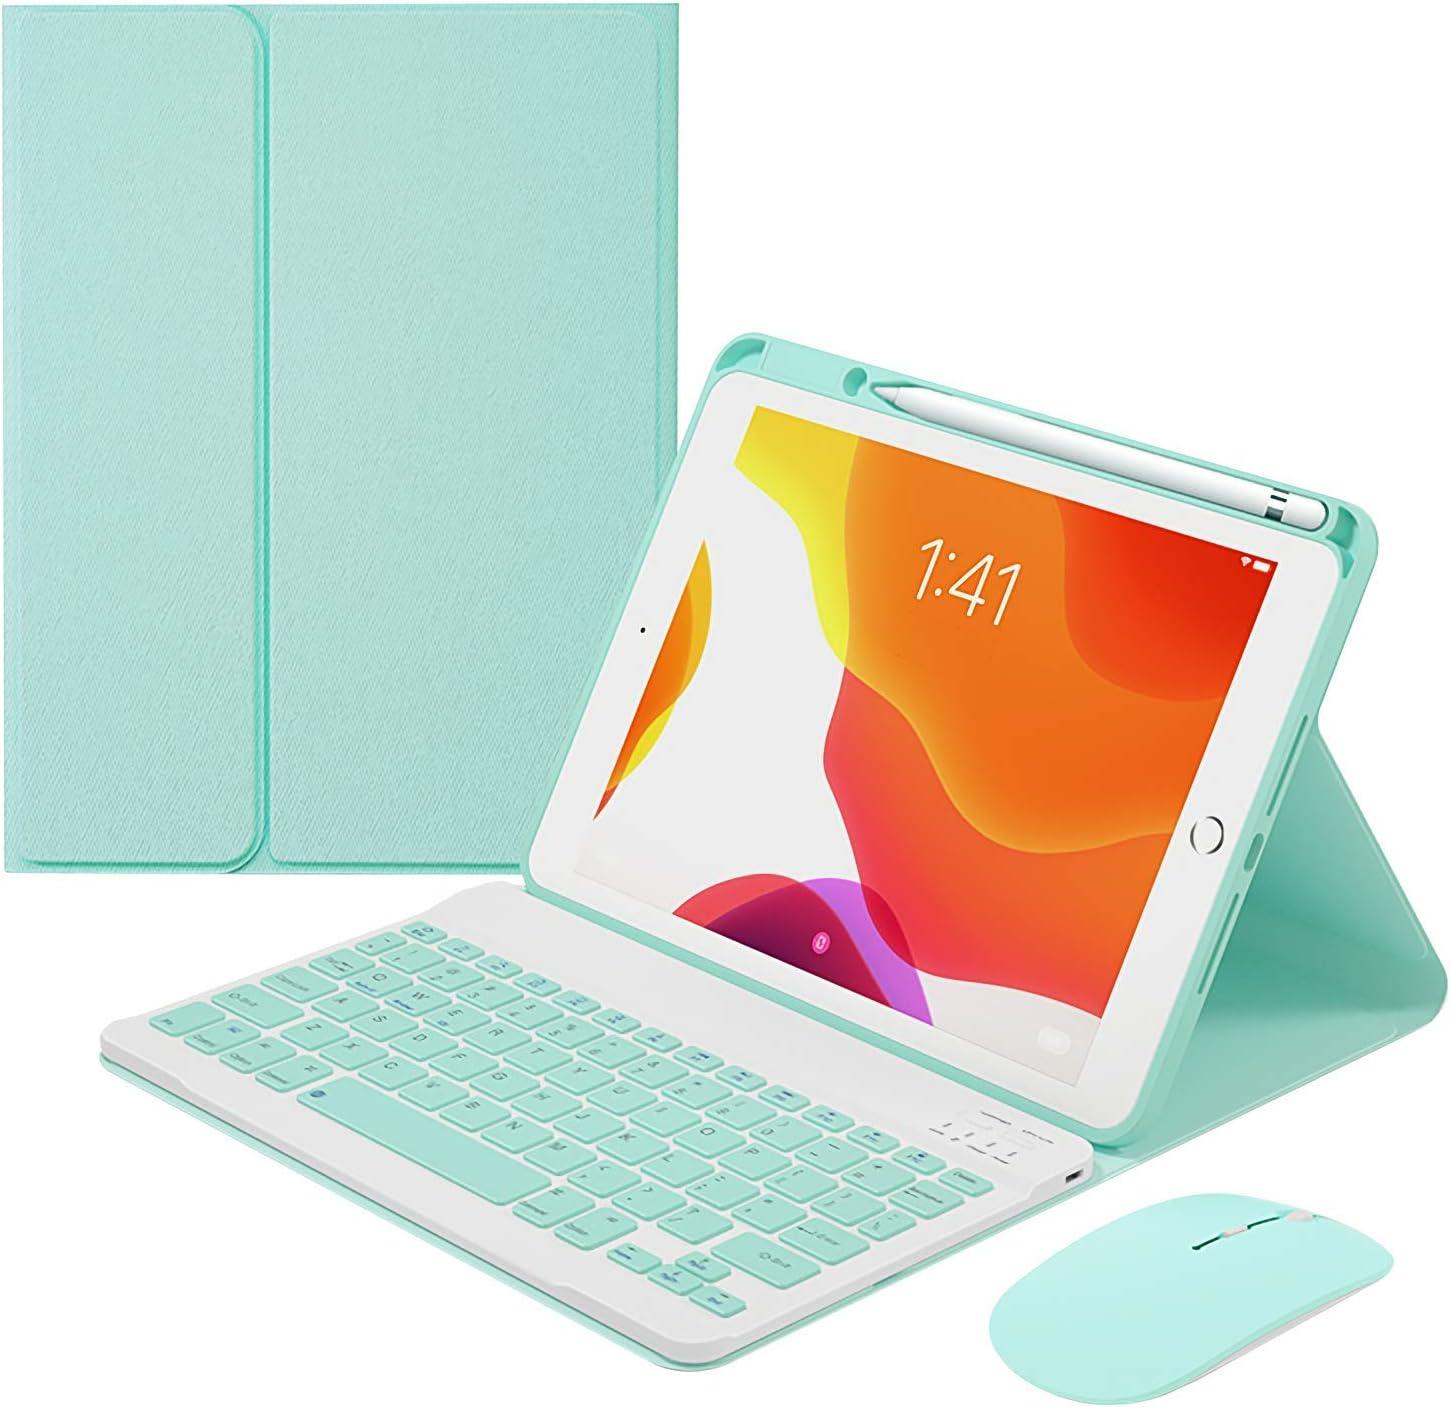 HaoHZ Funda Teclado para iPad 9.7 2017/2018, 7 Colores, Teclado Desmontable con Retroiluminación, Funda Inteligente Tipo Folio De Cuero Delgado con Ratón Bluetooth,Verde,7 Color Backlit